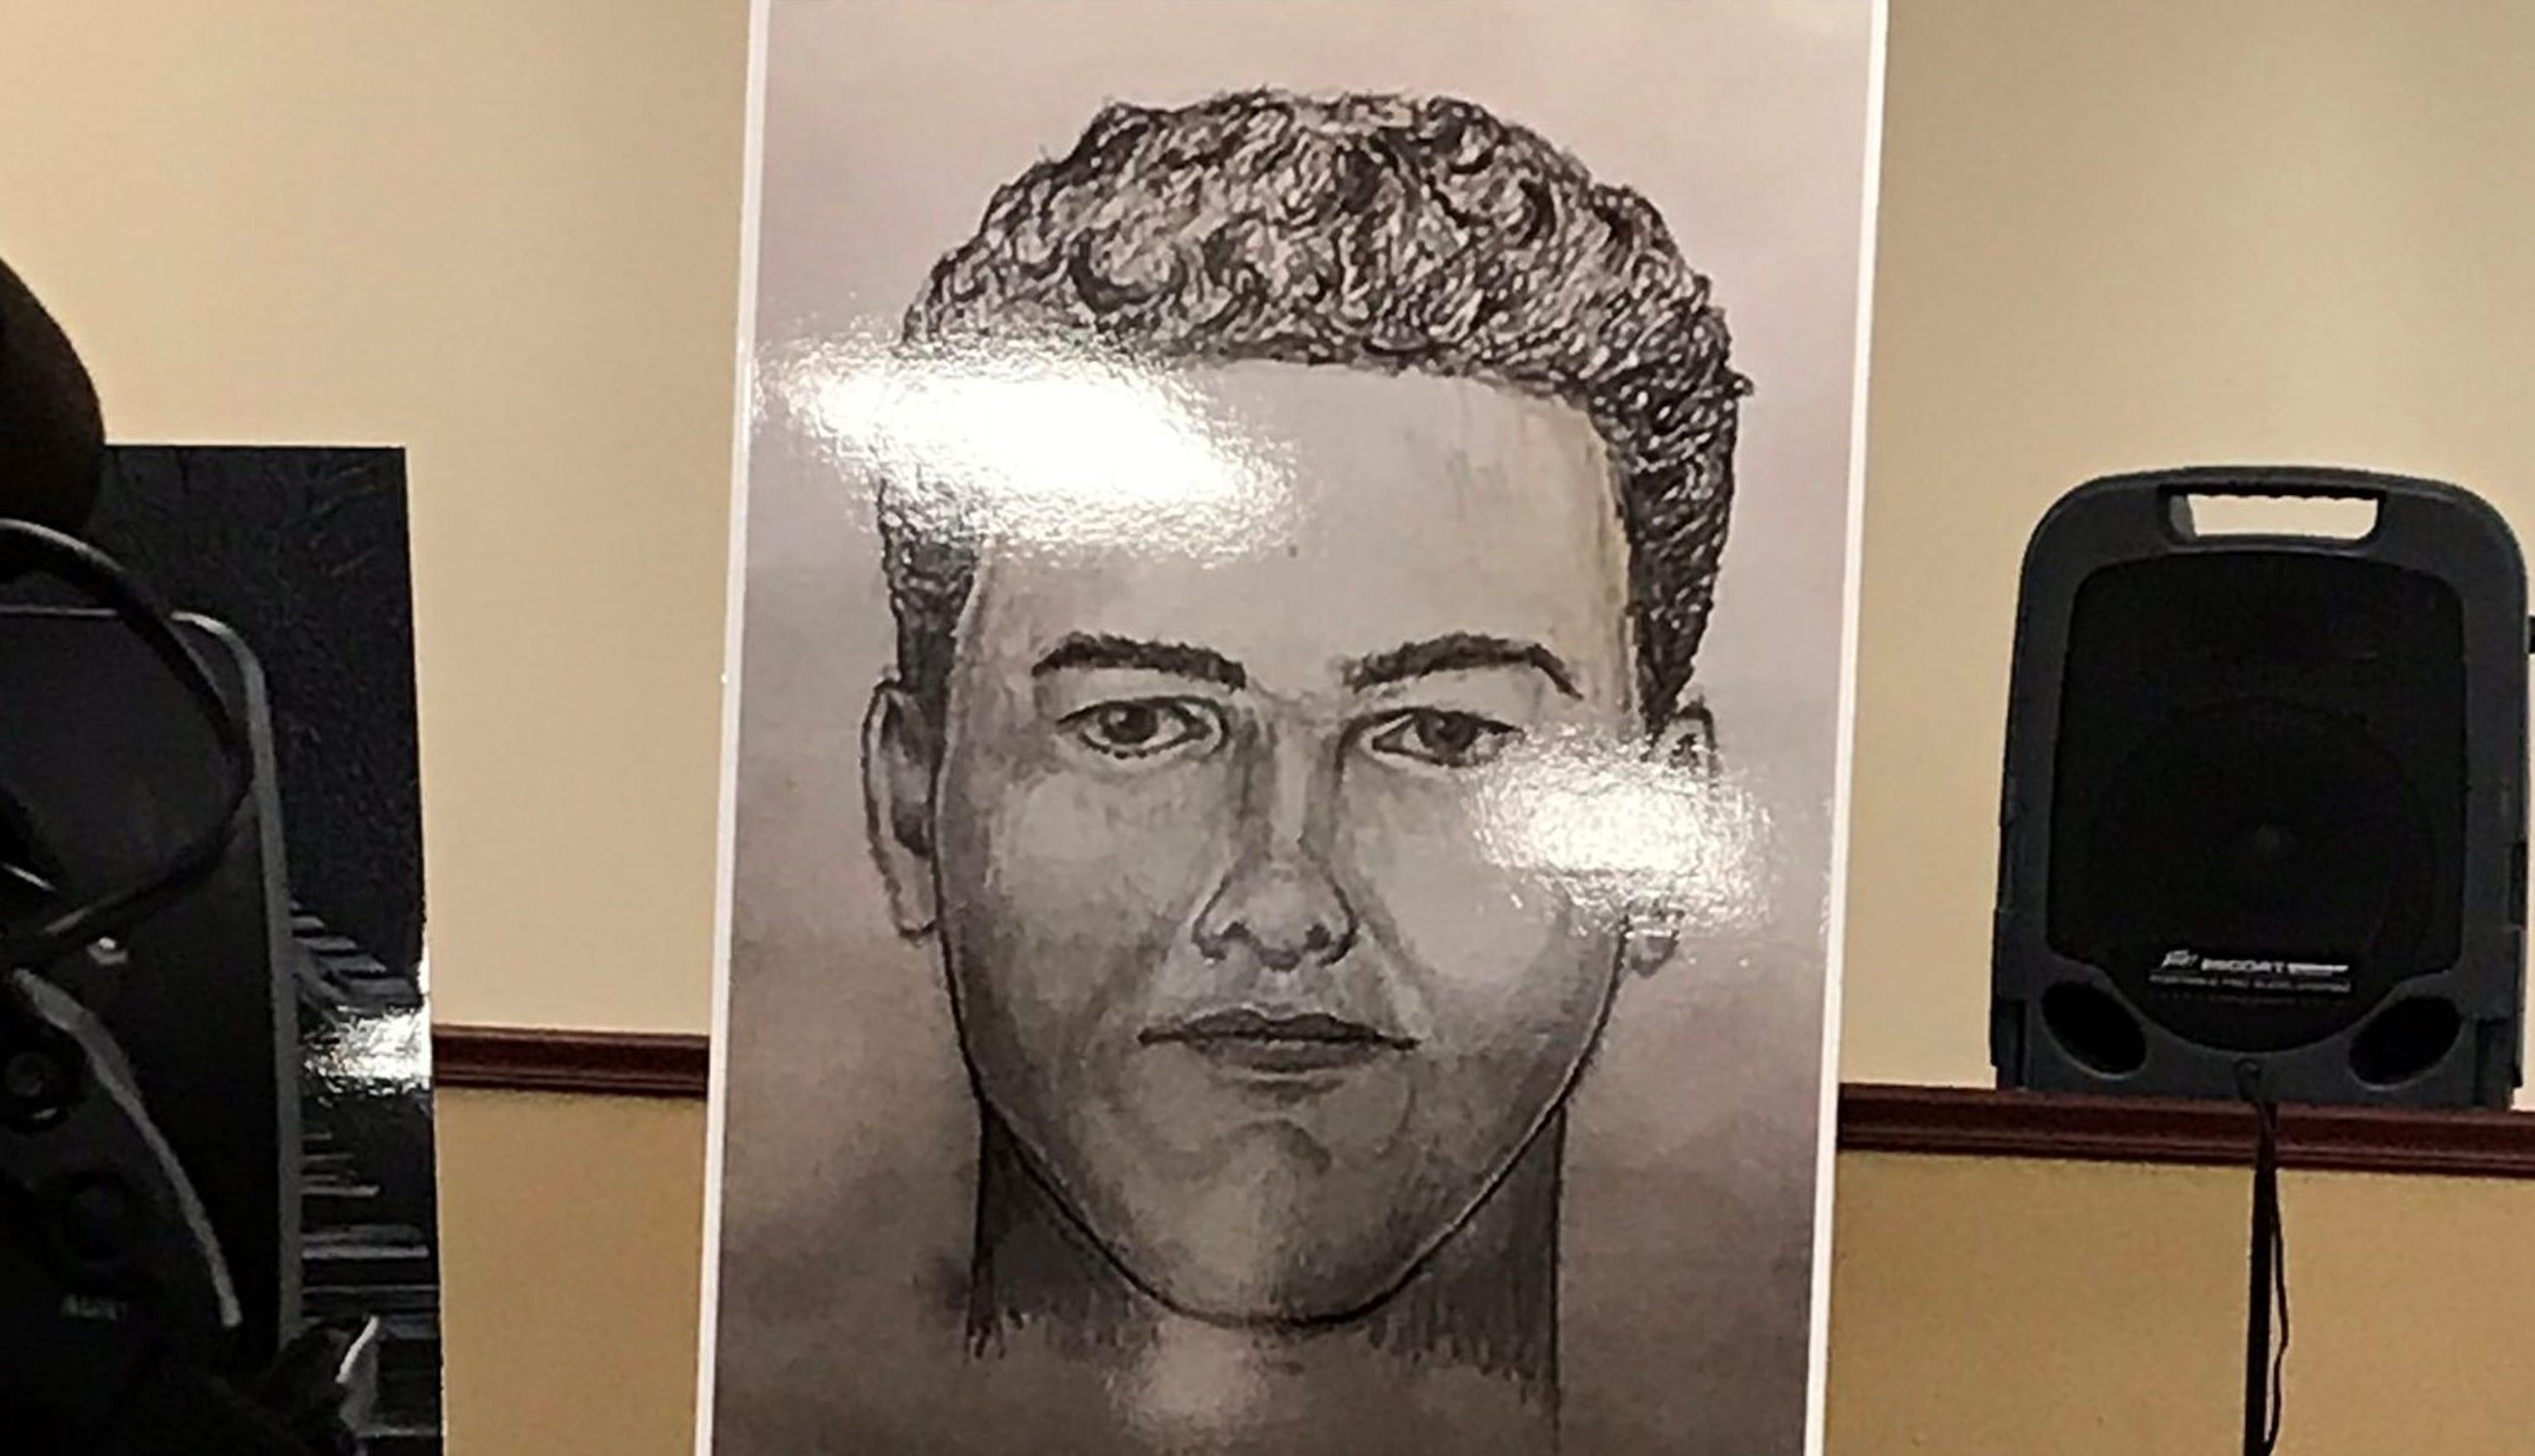 Delphi murders update 2019: New suspect sketch, video released